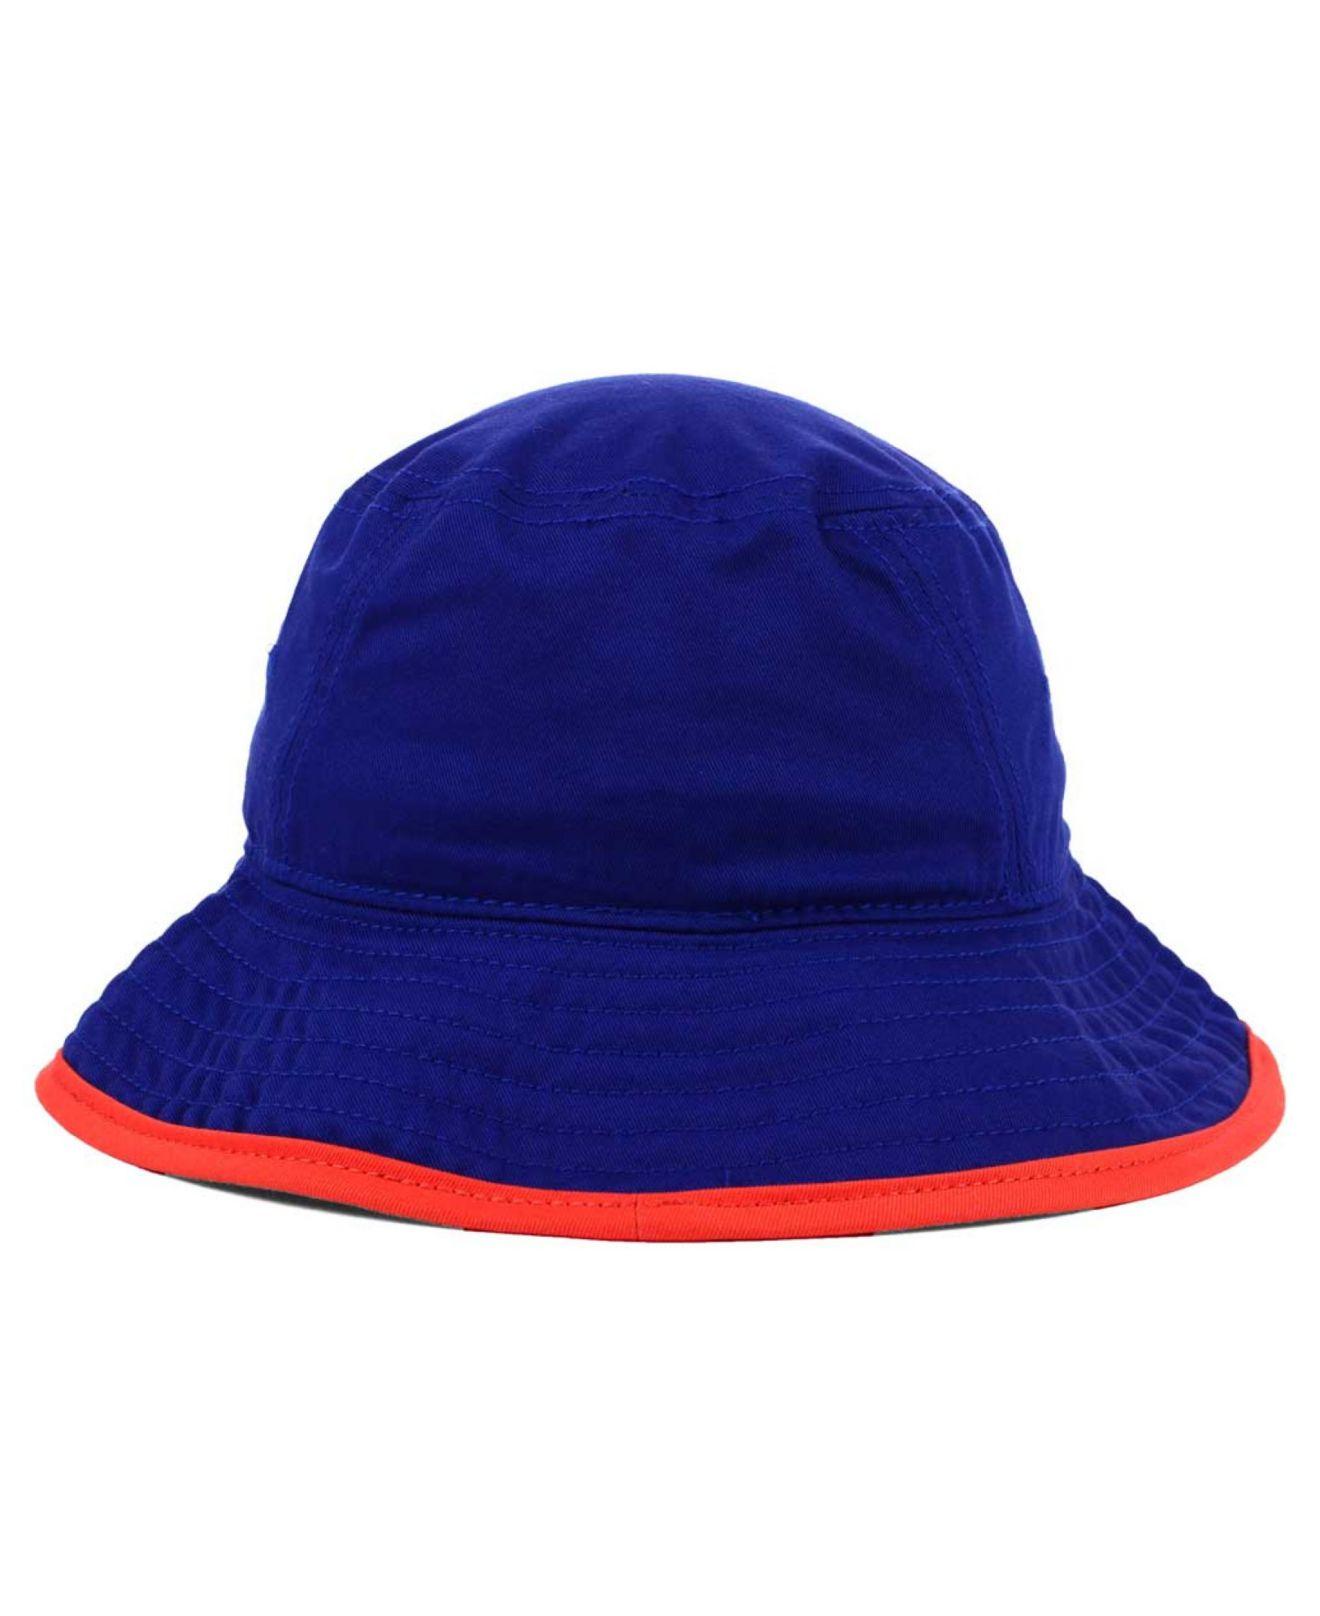 new concept e8dae 7b663 ... uk lyst ktz new york islanders basic tipped bucket hat in blue for men  920fd 7febc